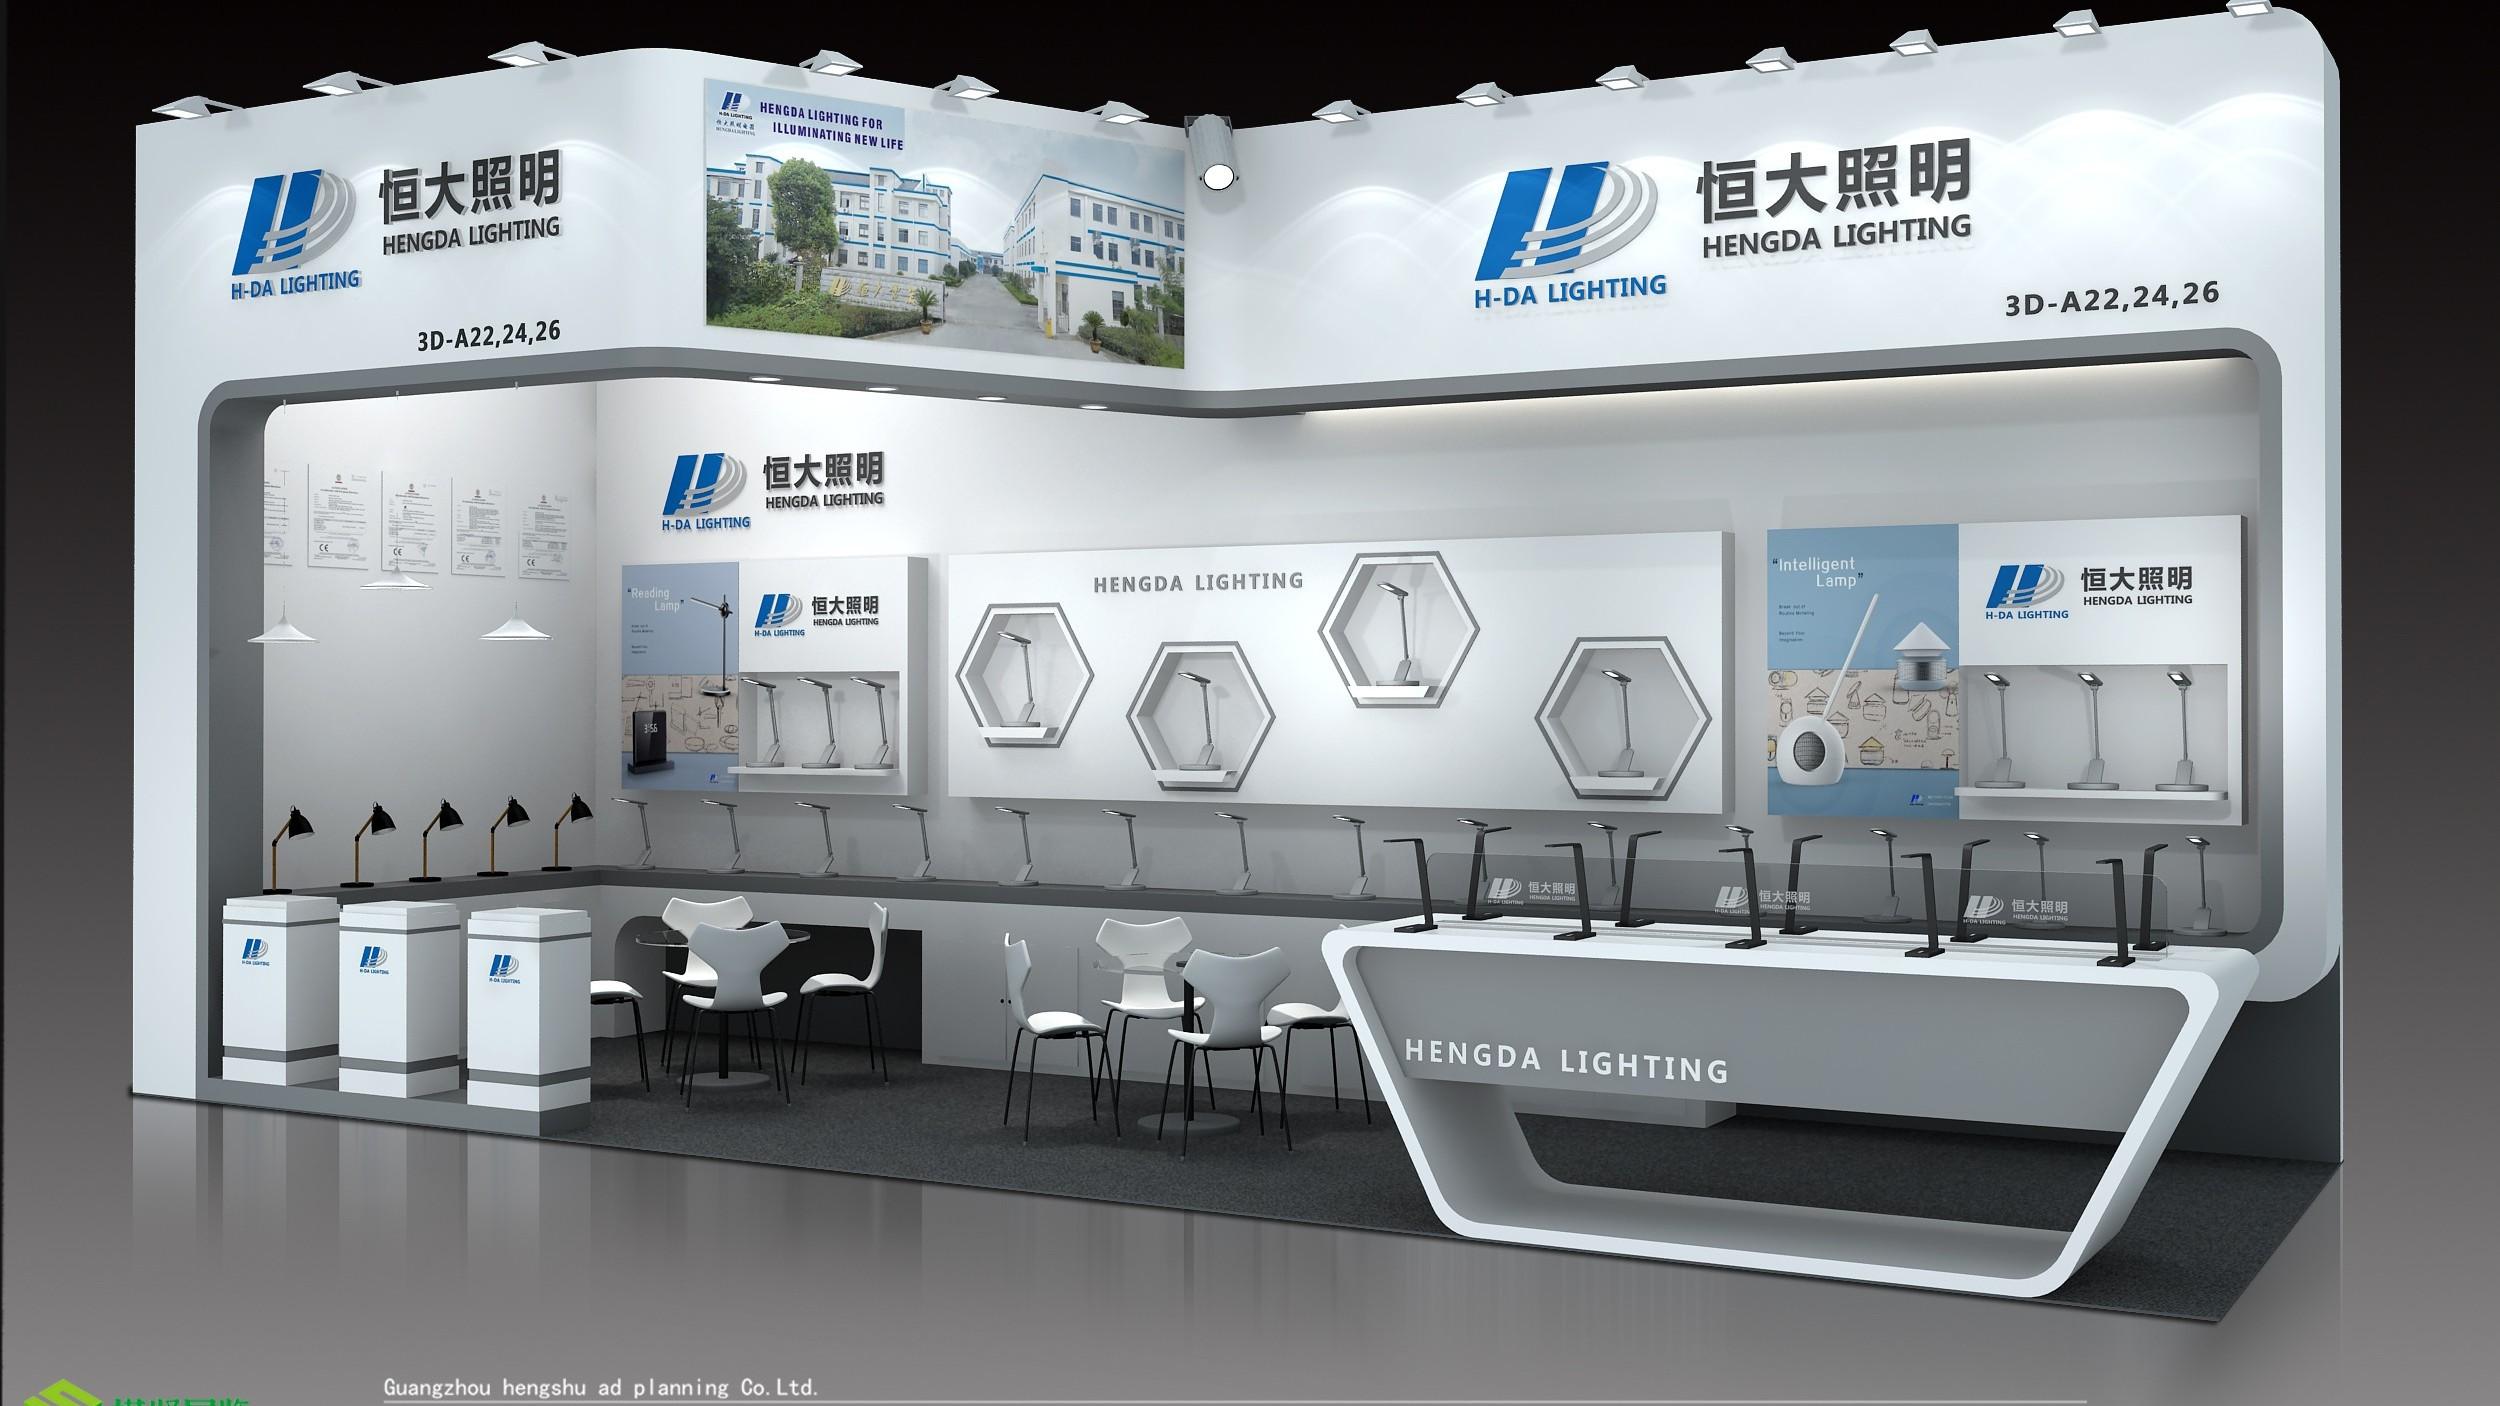 恒大-香港照明展展台设计